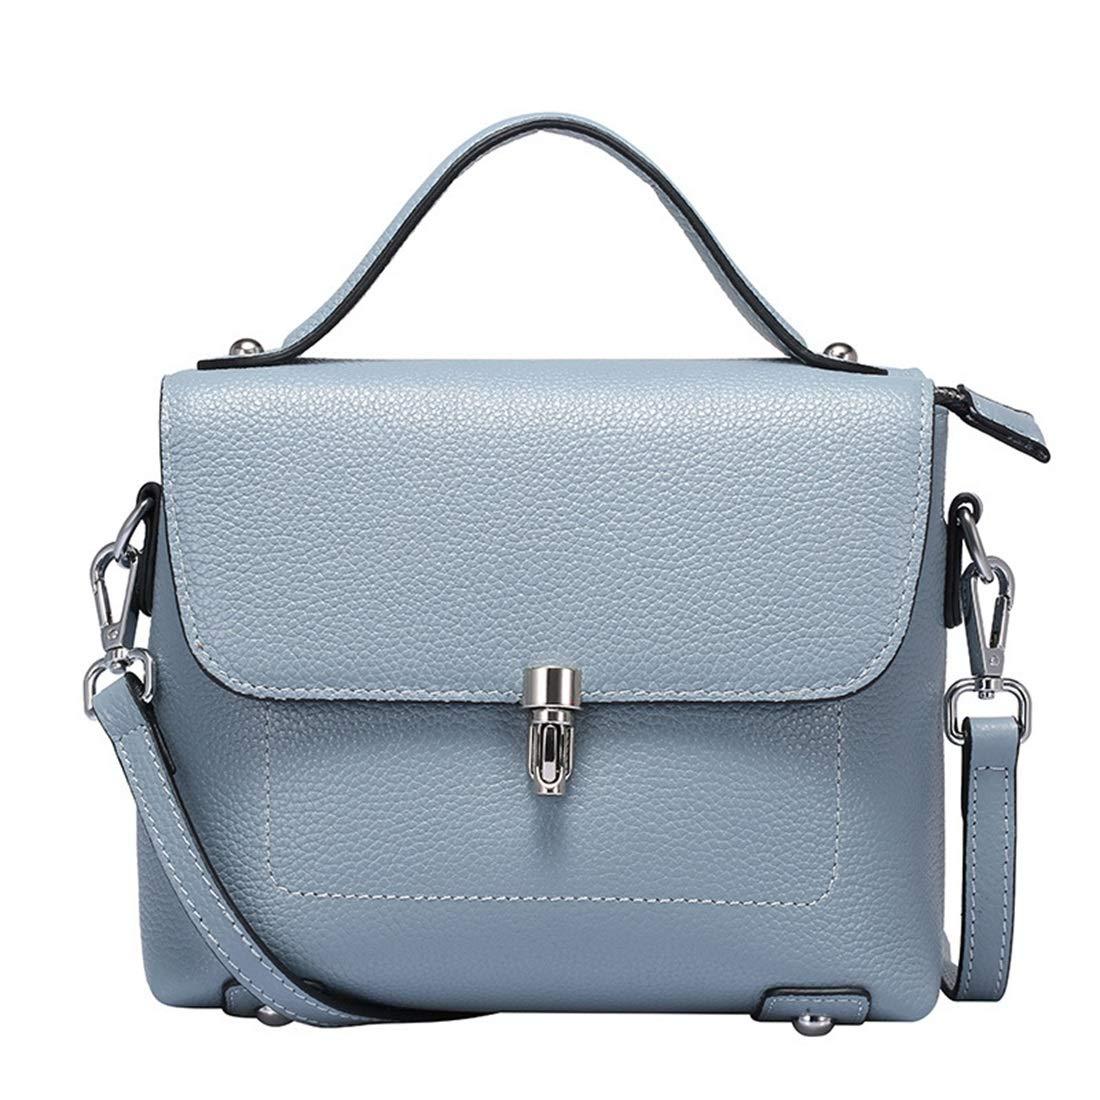 KERVINFENDRIYUN YY4 Einfache Retro Lock Limousine Grain Square Leder Schultertasche Schultertasche Schultertasche Messenger Bag (Farbe   Blau) B07M7BFWVV Umhngetaschen Schönes Aussehen f95c3f